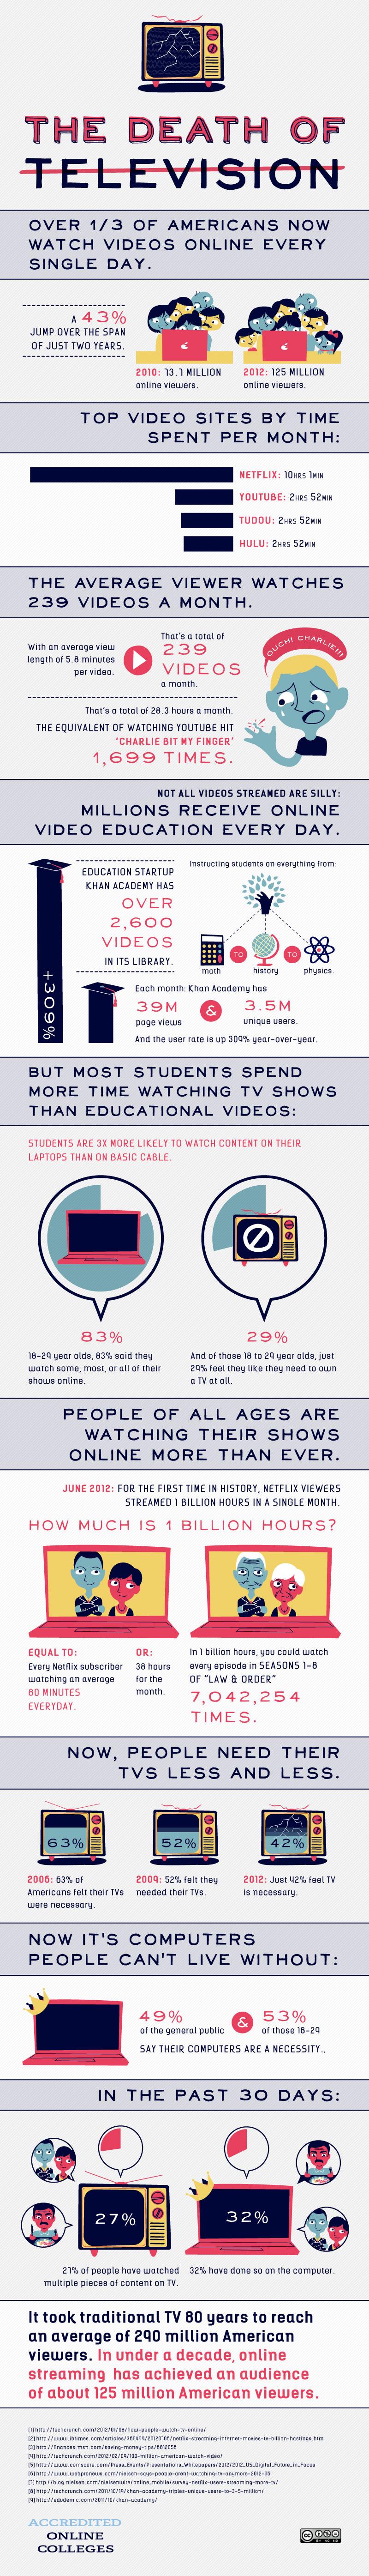 moartea-televizorului-succesul-internetului-infografic-august-2012